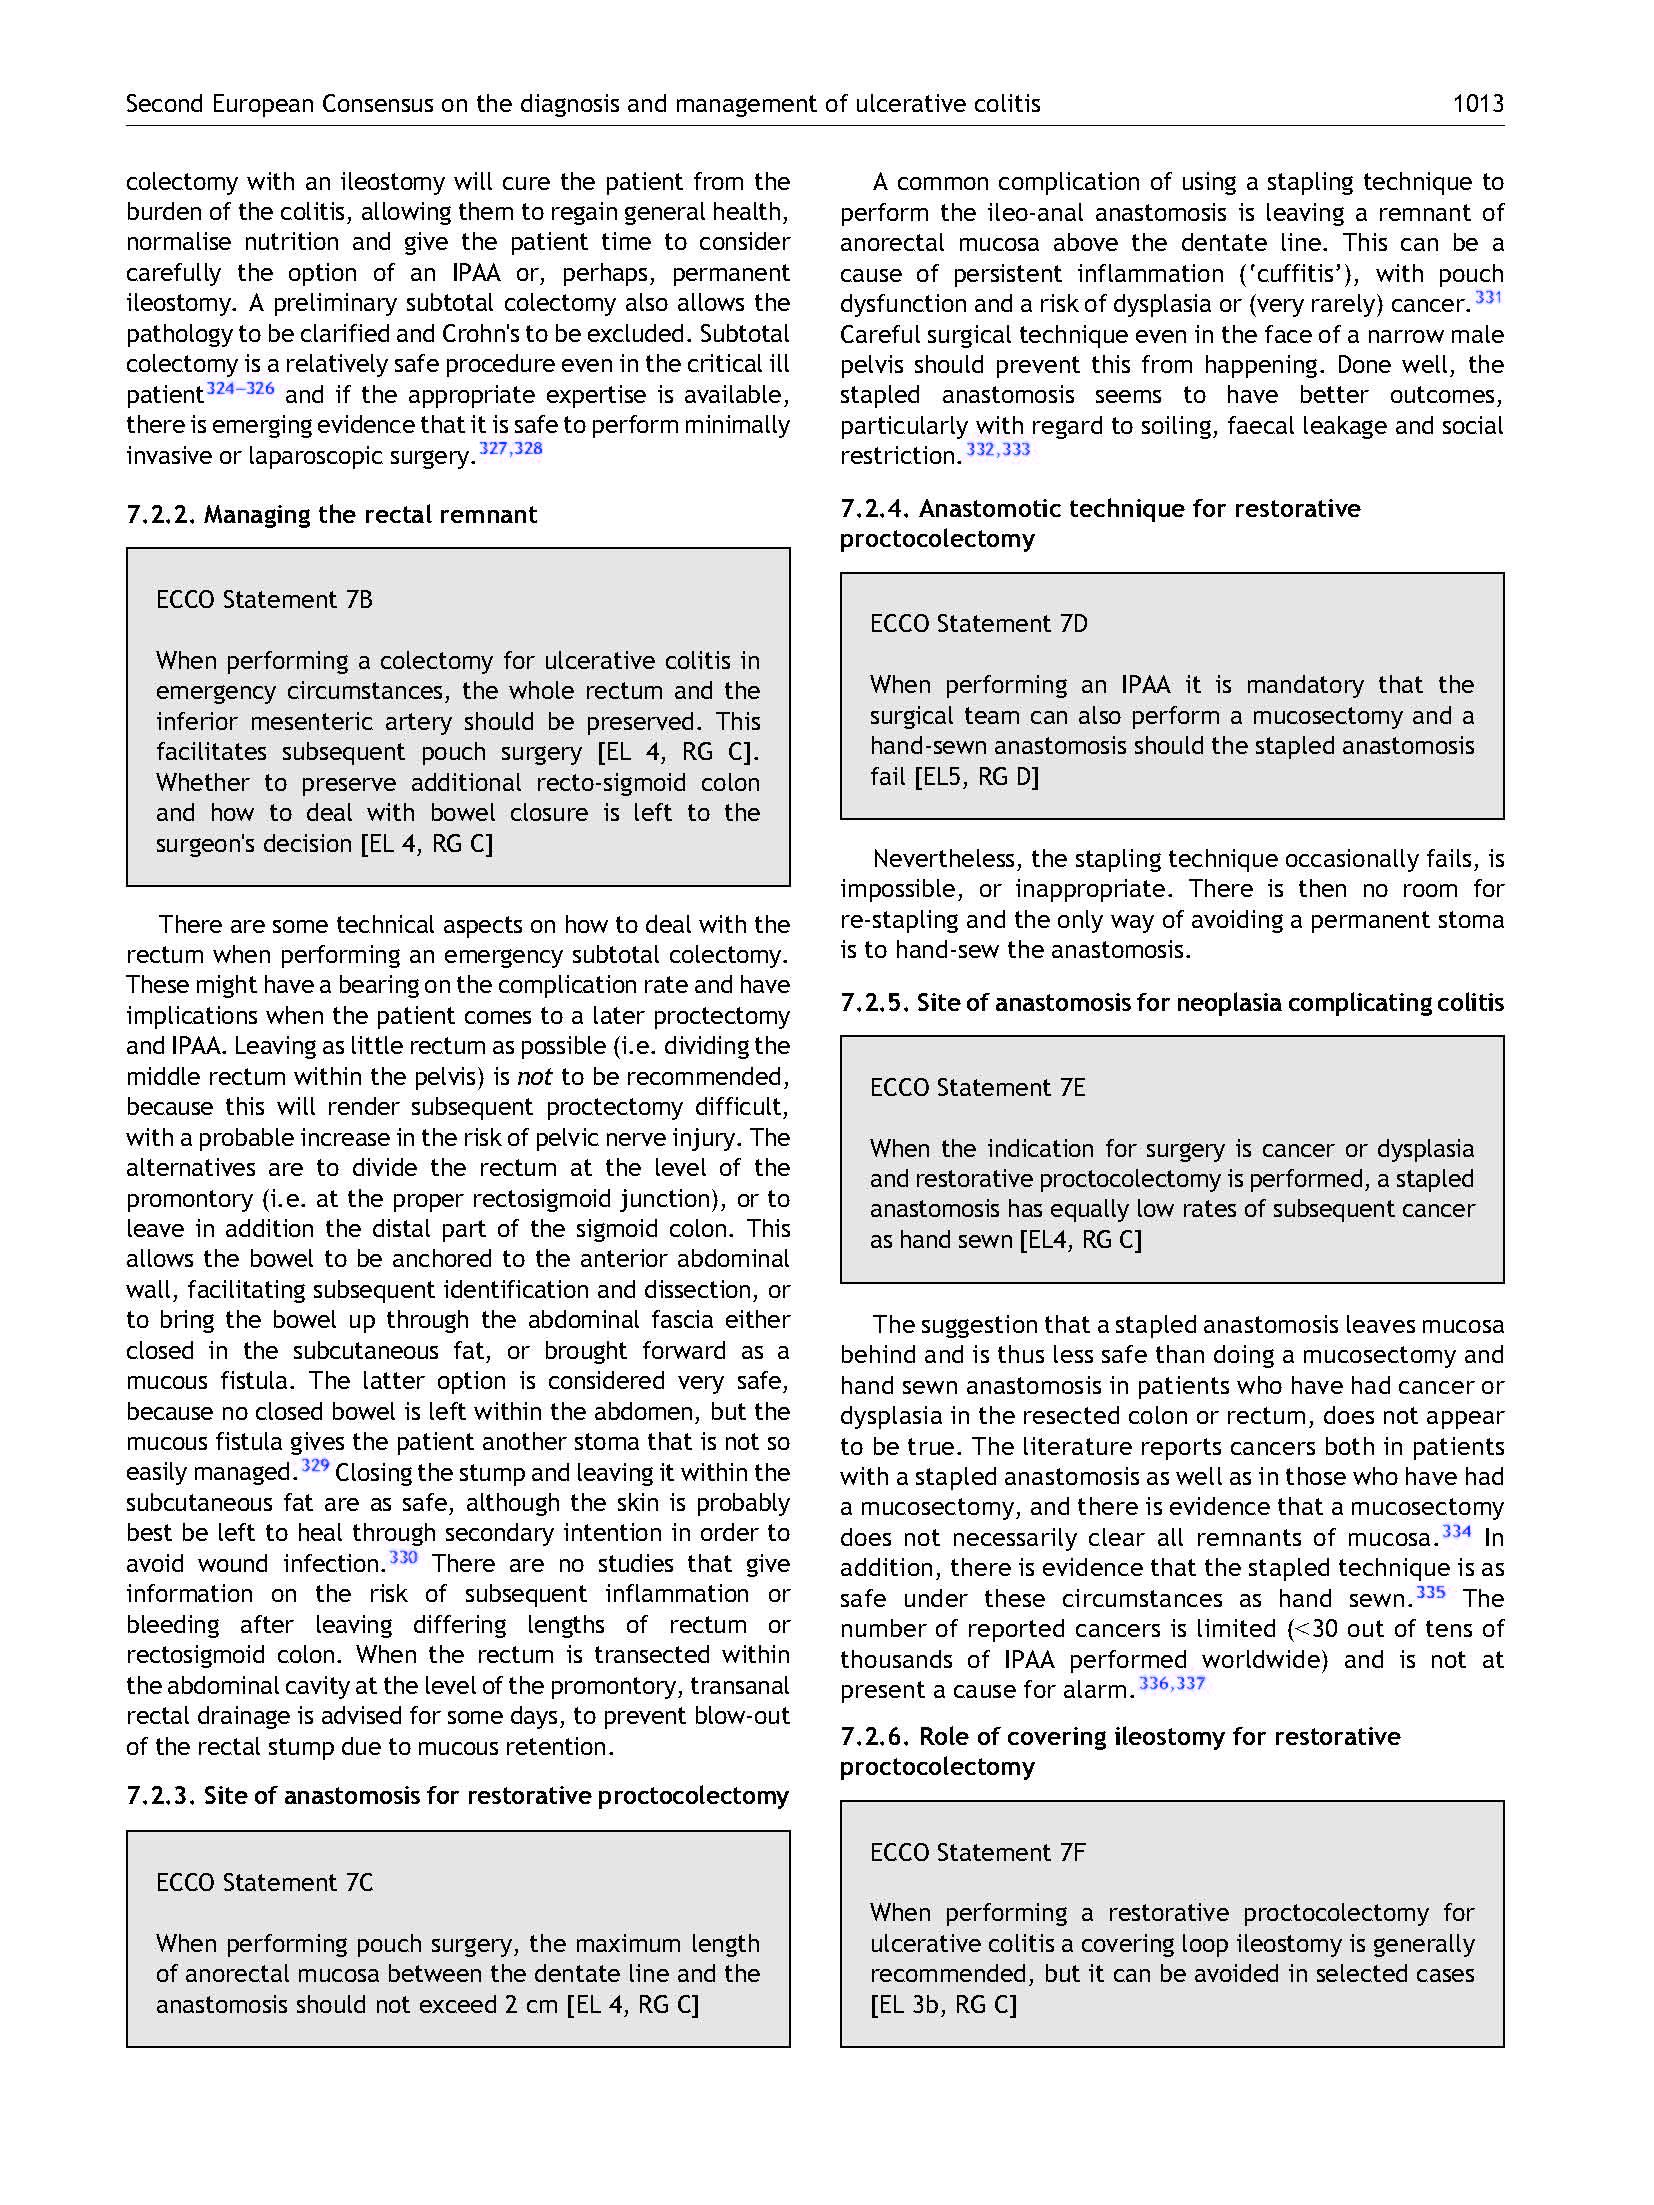 2012-ECCO第二版-欧洲询证共识:溃疡性结肠炎的诊断和处理—日常处理_页面_23.jpg